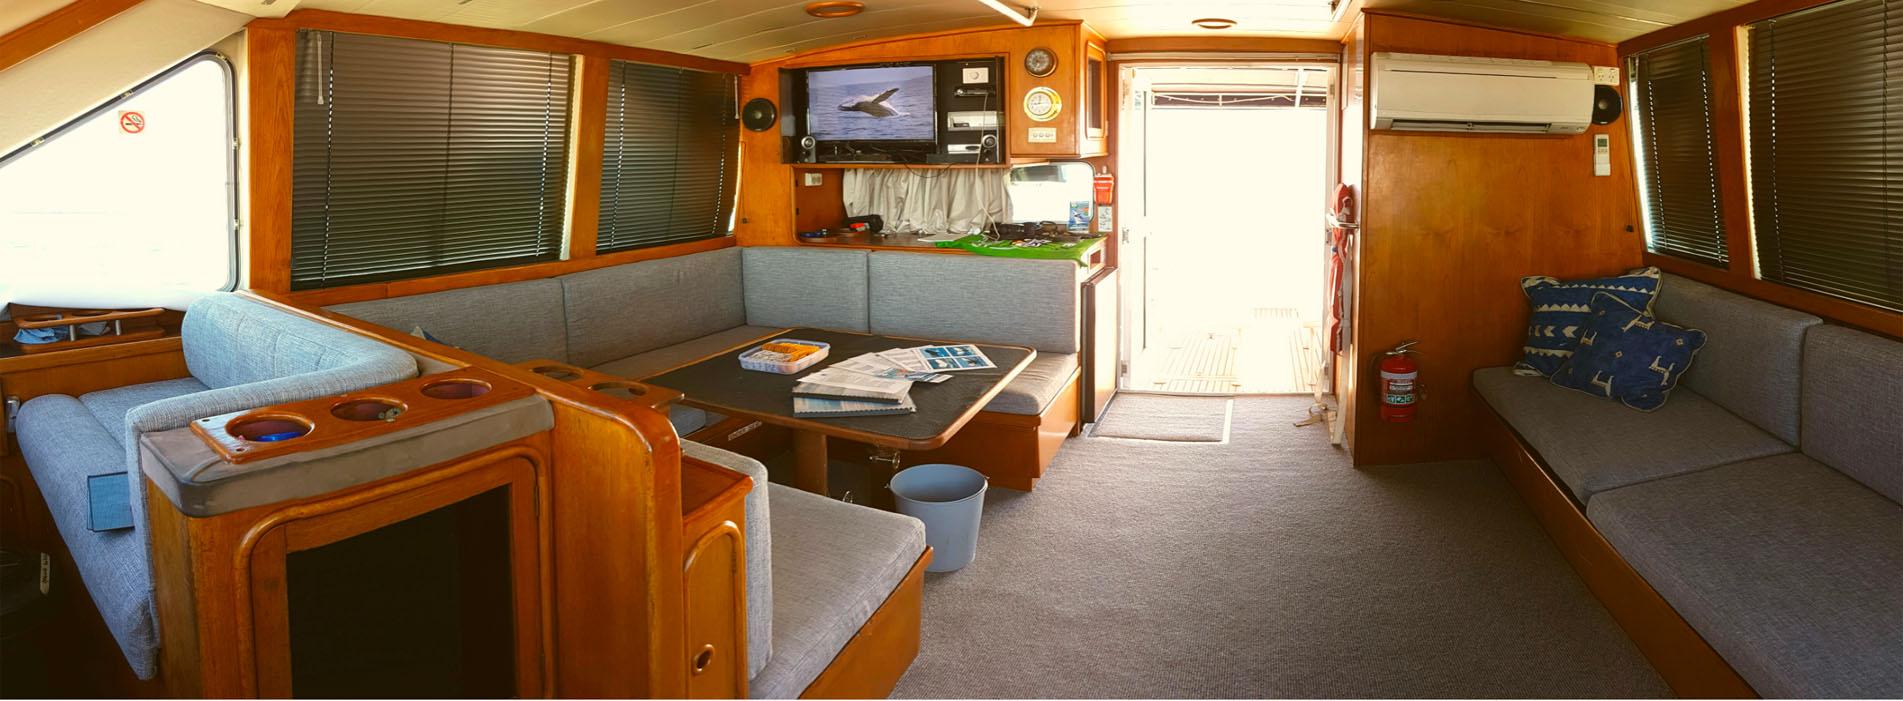 TRADEWINDS III interior cabin